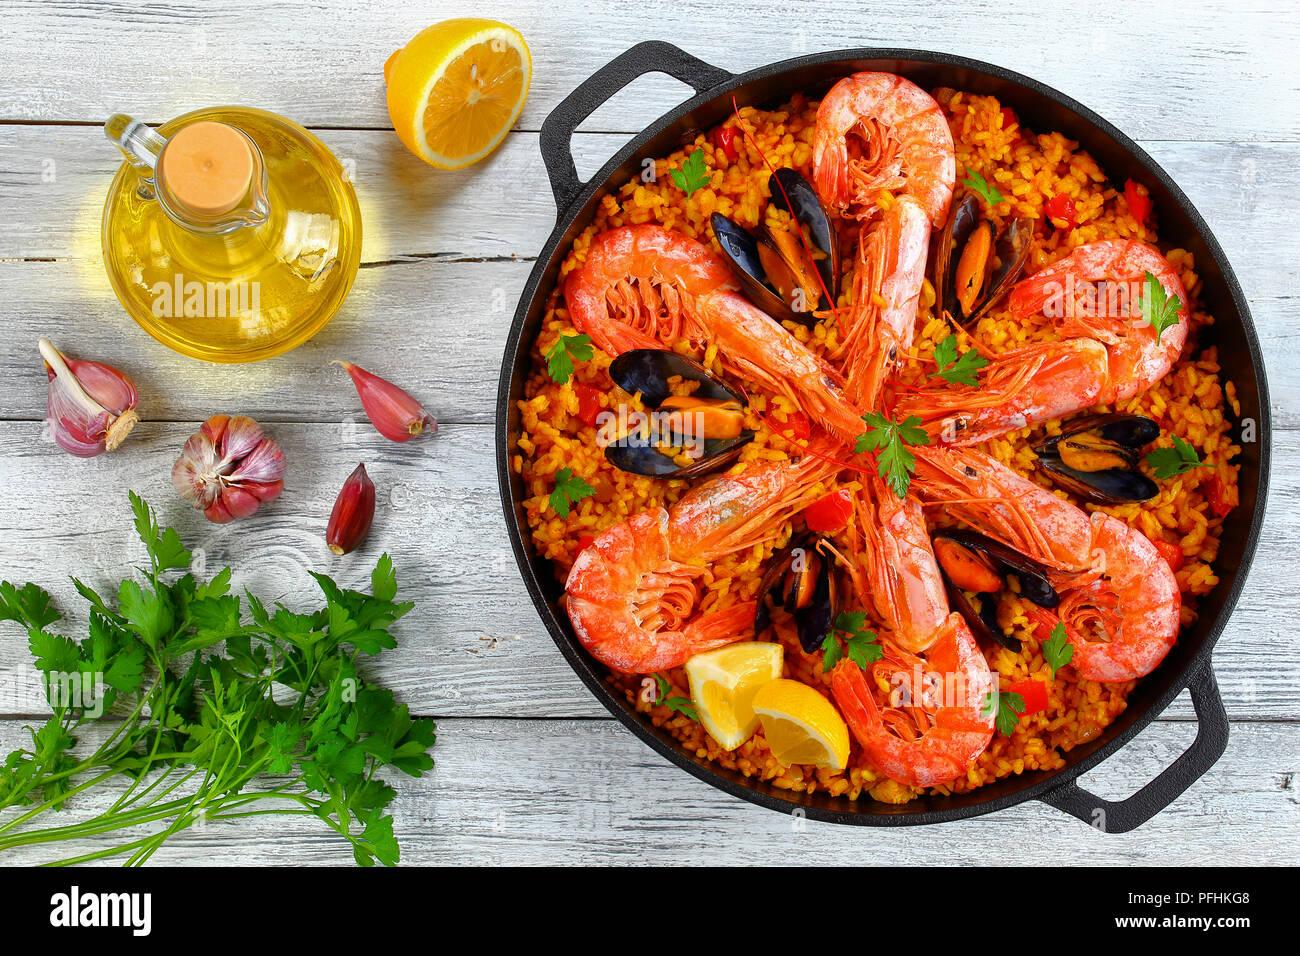 Köstliche Meeresfrüchte Valencia Paella mit Gambas, Muscheln auf herzhafte cremige Safran Reis mit Gewürzen und Zitrone Keile in der Wanne, auf alten Holztisch wit Stockfoto